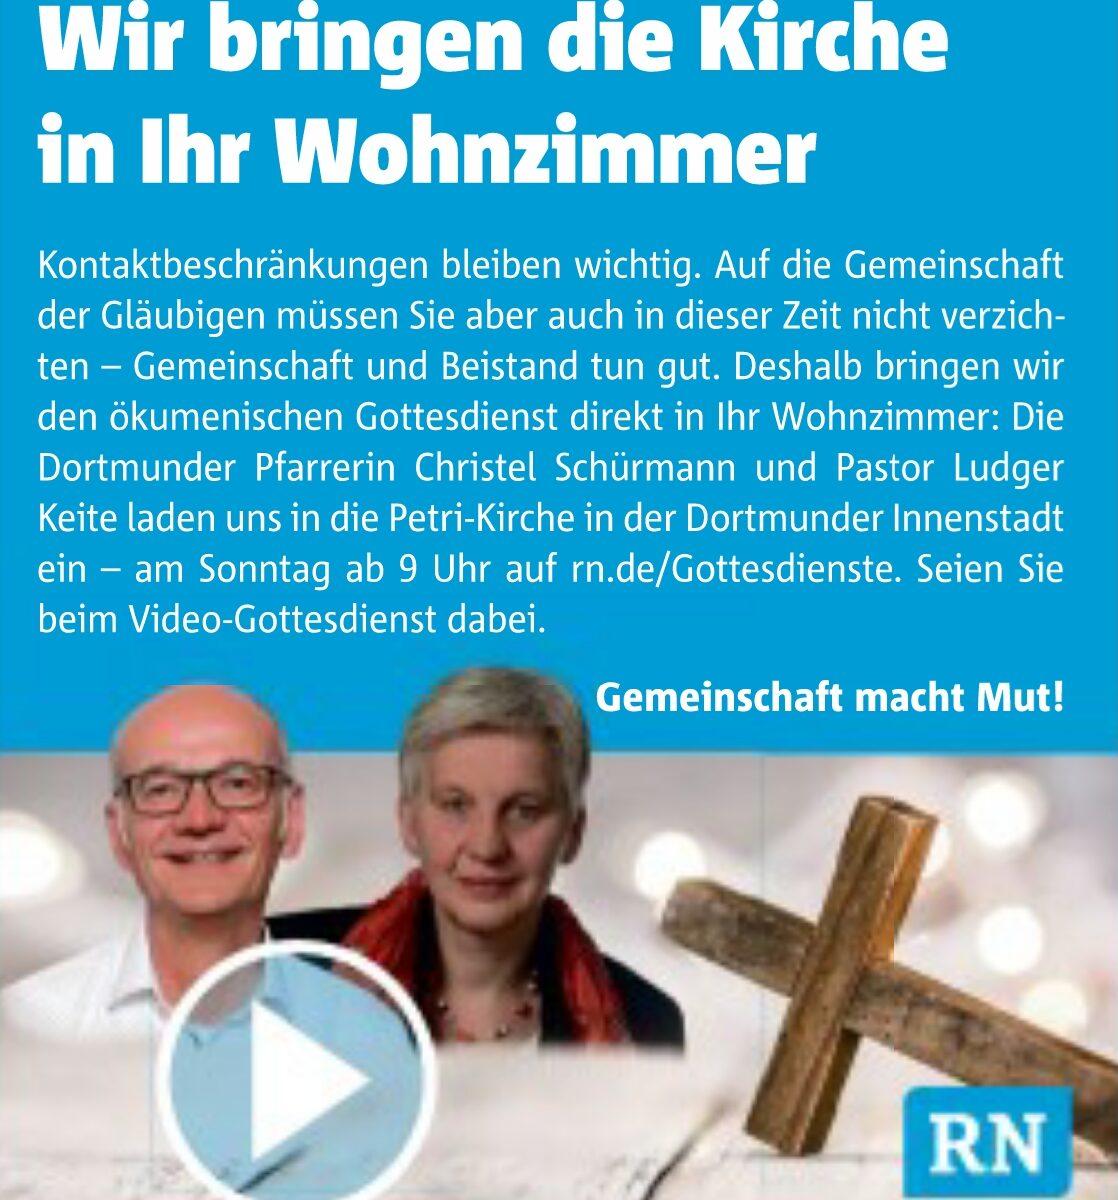 Pfarrer Ludger Keite und Pfarrerin Christel Schürmann